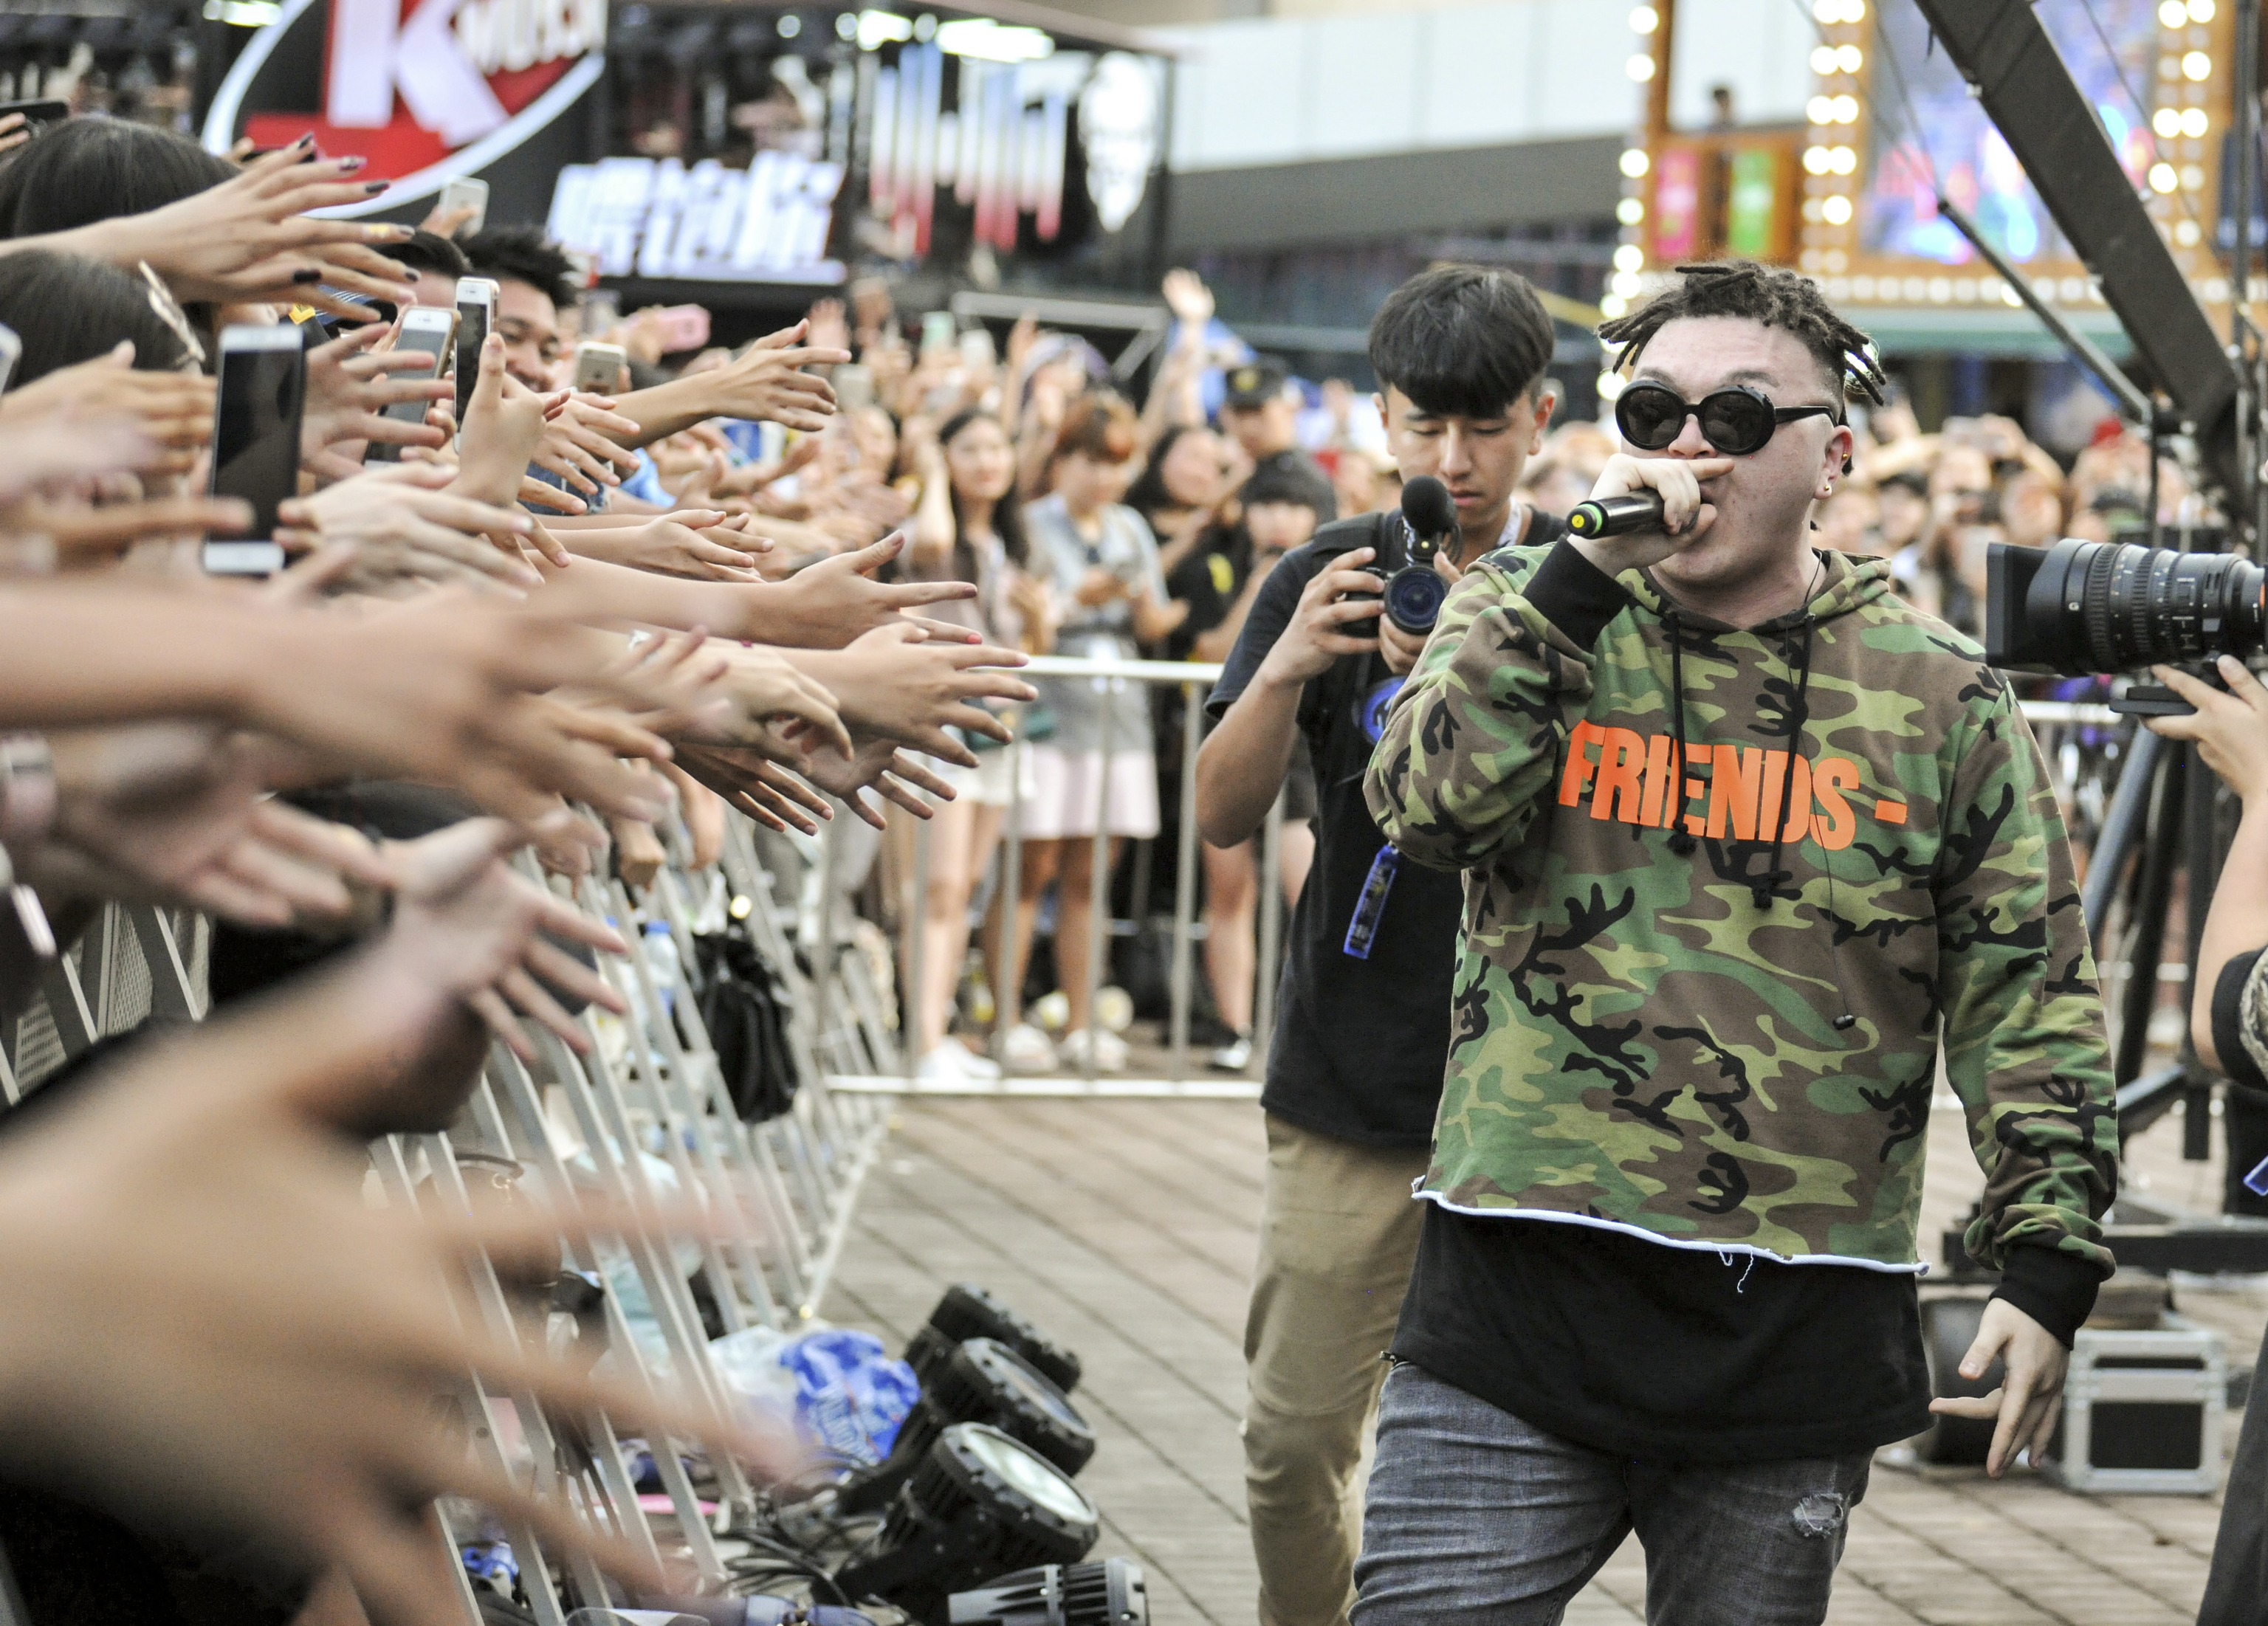 Un concierto de rap de After Journey en el Festival de Chengdu.